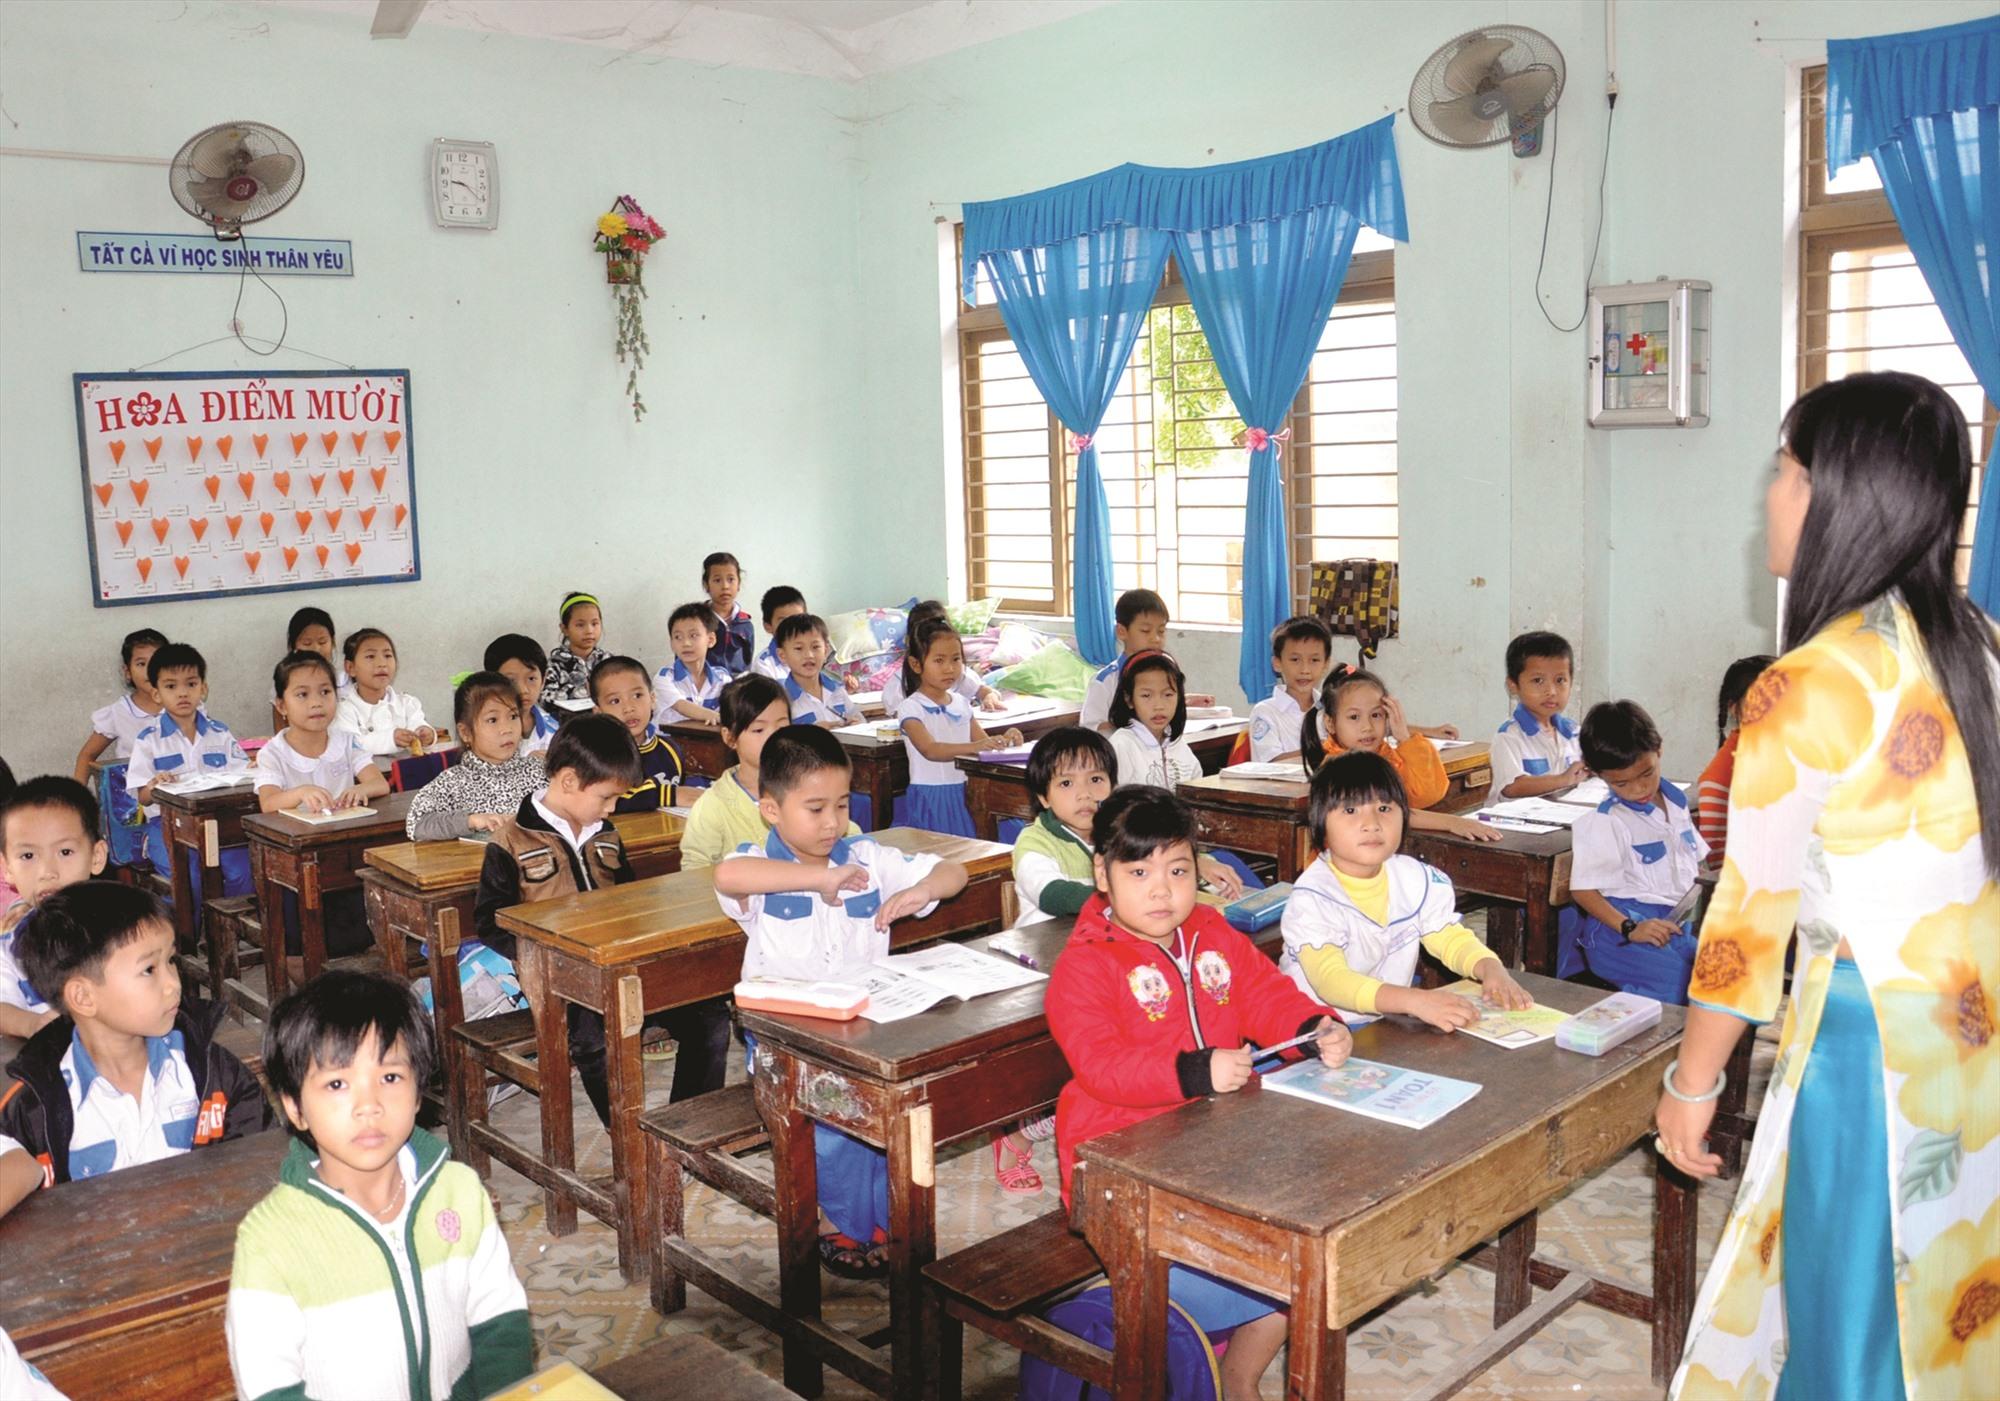 Học sinh lớp 1 năm học 2020-2021 sẽ học sách giáo khoa mới. Ảnh: X.P